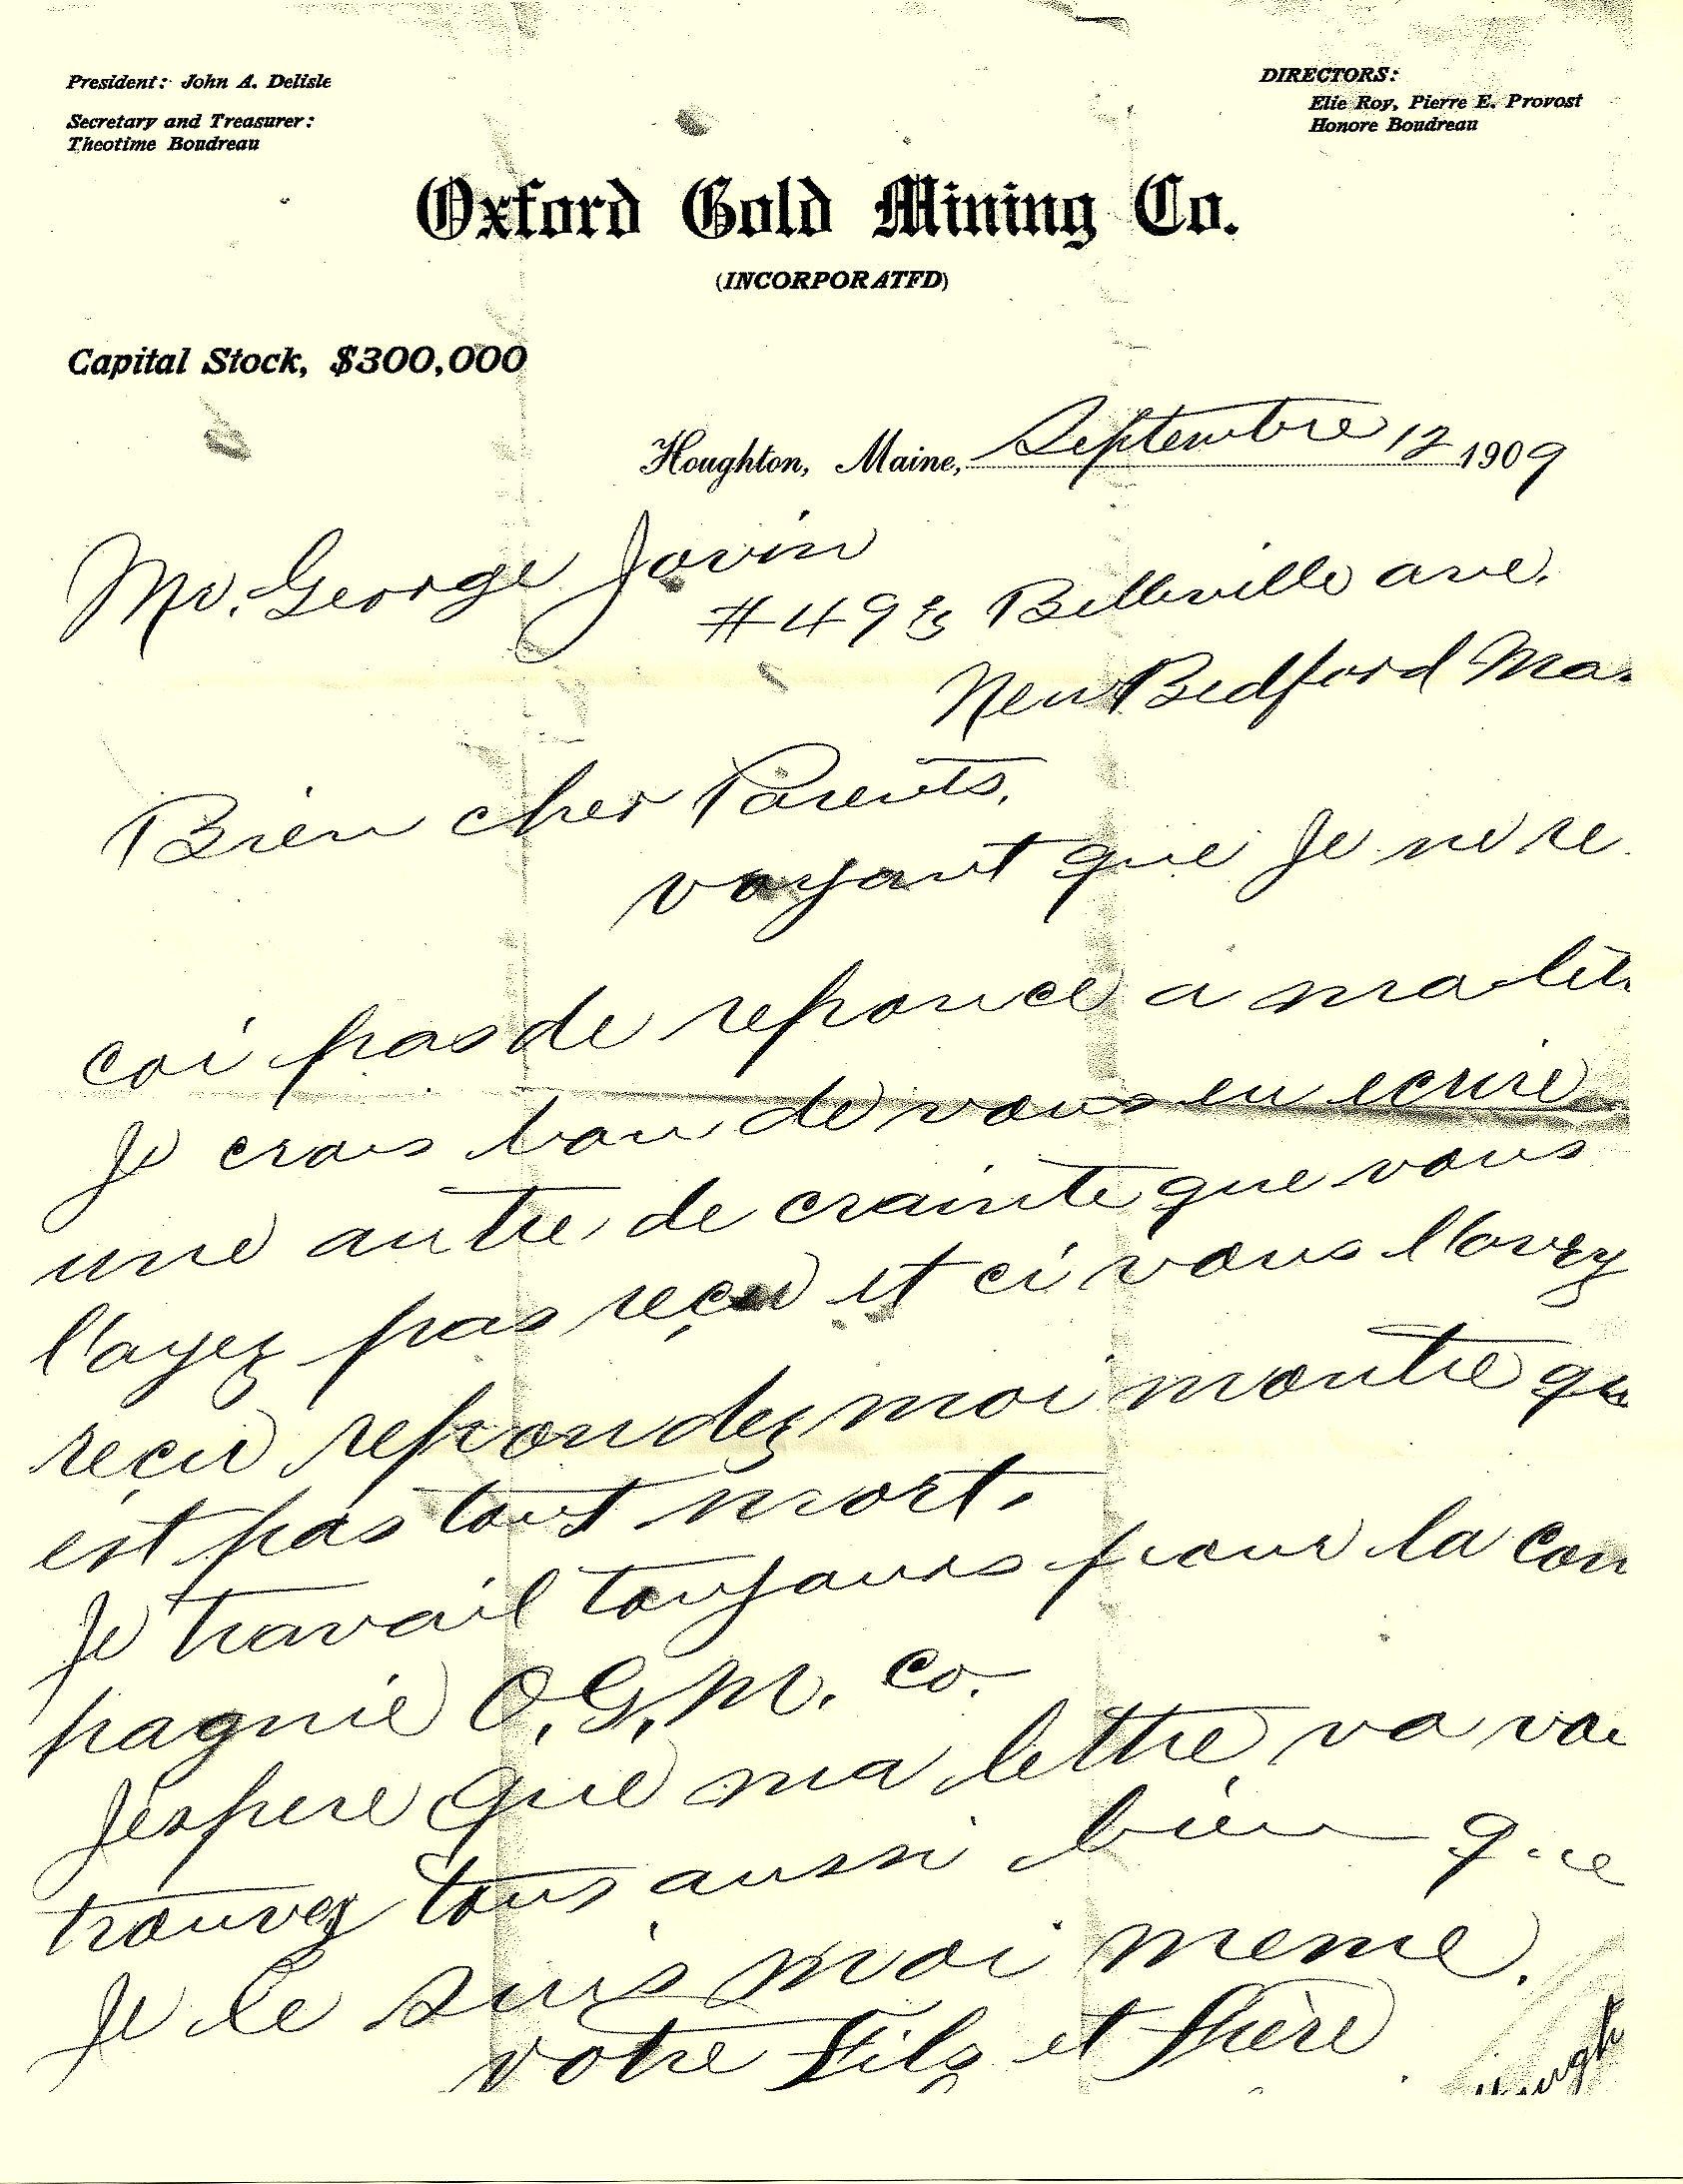 1909 letter to George Jovin of Belleville Avenue, New Bedford